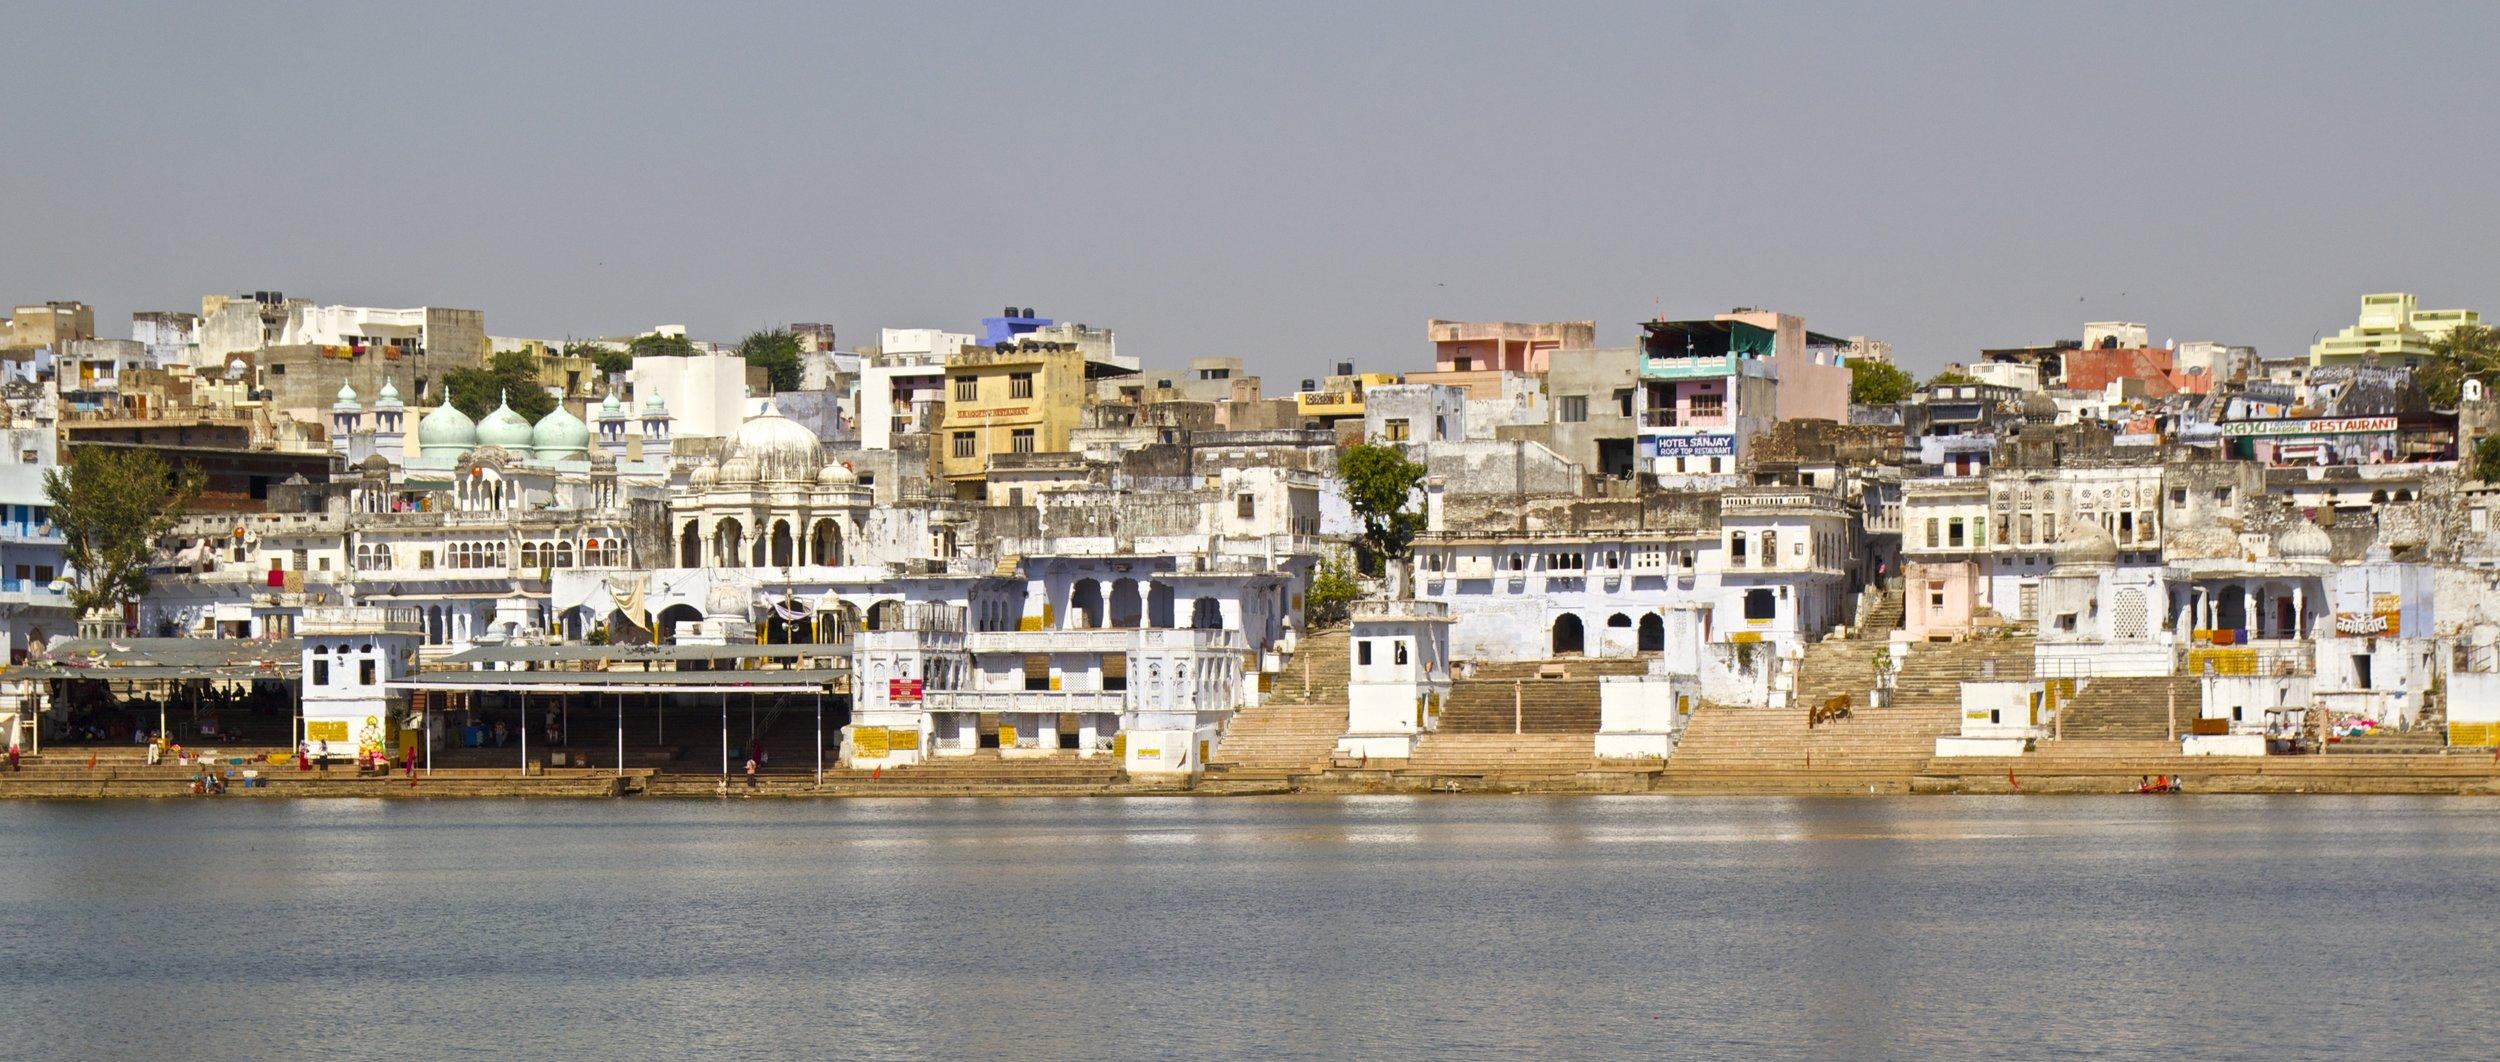 white city ghats pushkar rajasthan photography 10.jpg